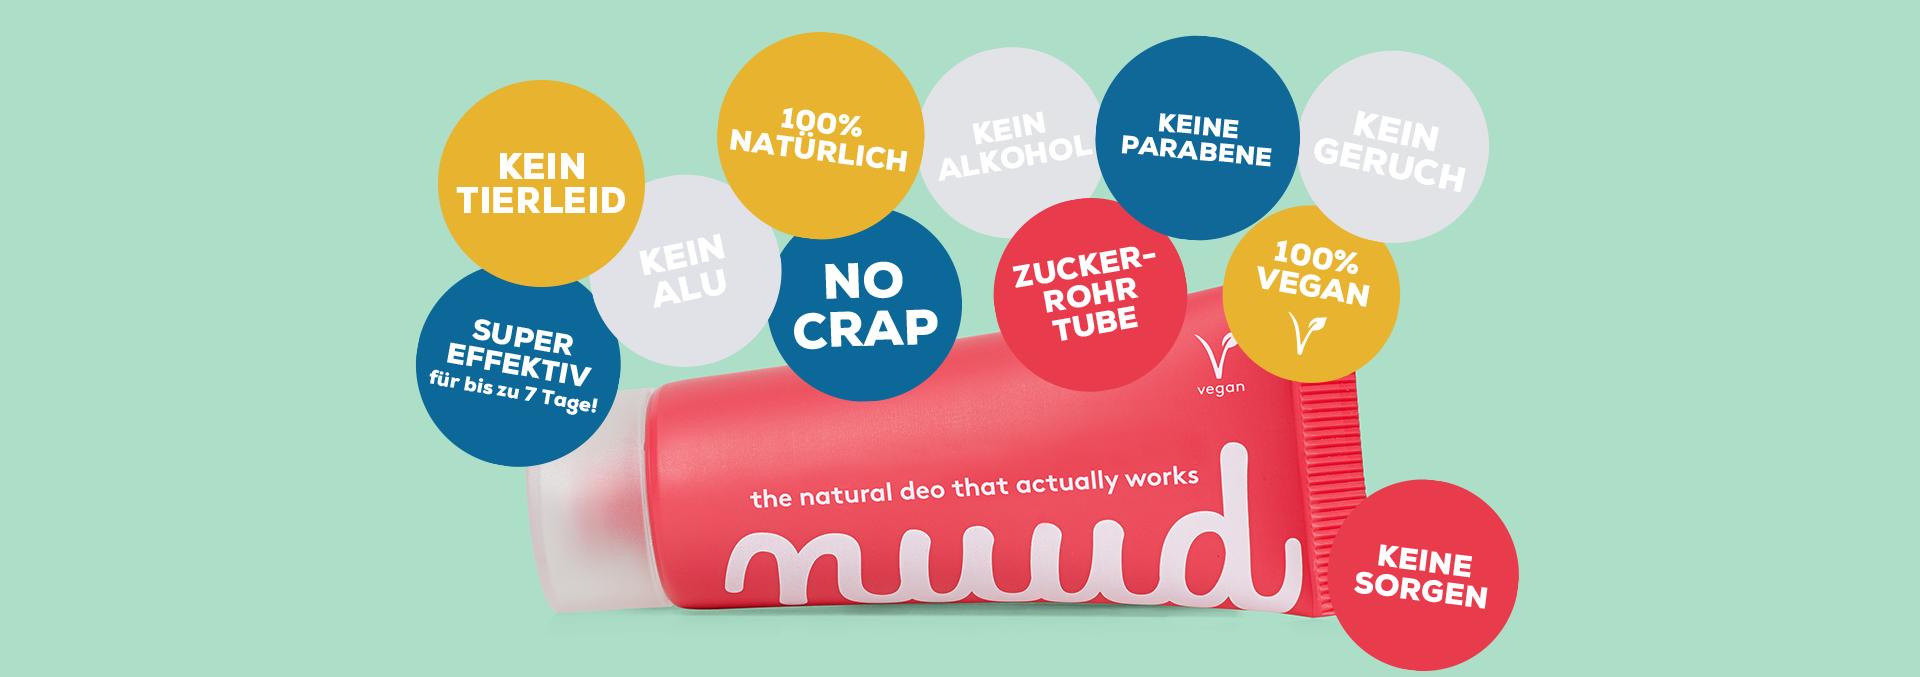 nuud_deo